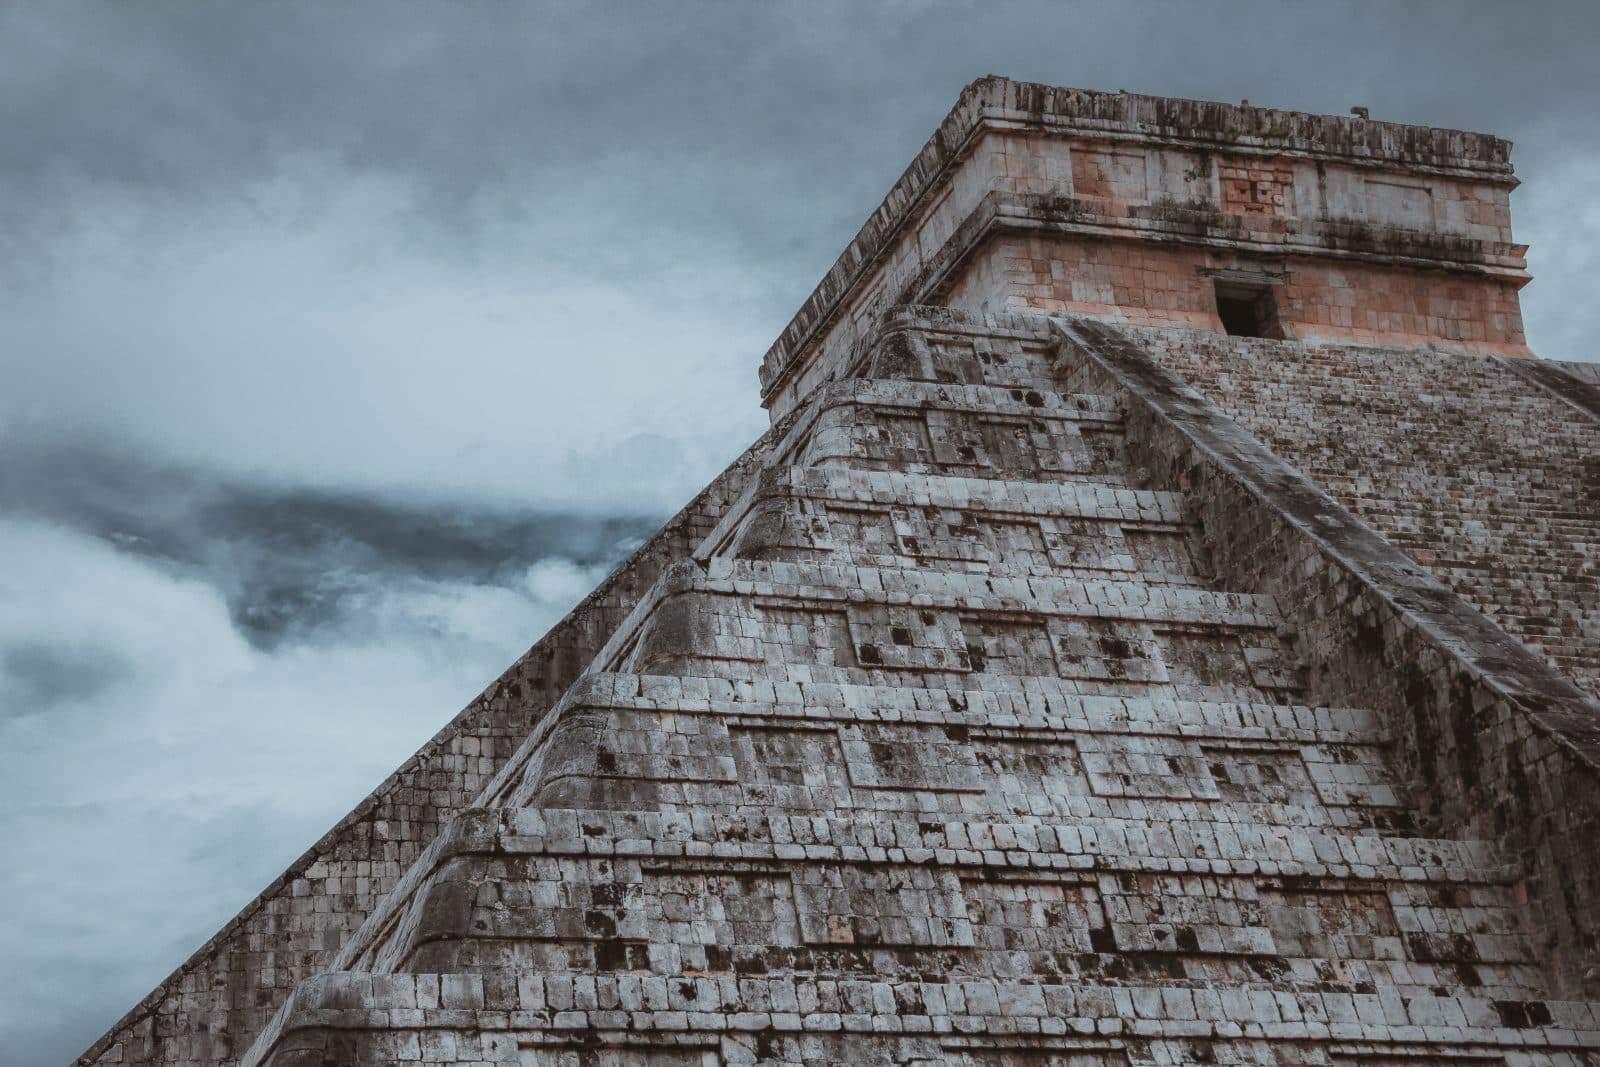 Chichén Itzá, Mexico. Photo by Jezar on Unsplash.